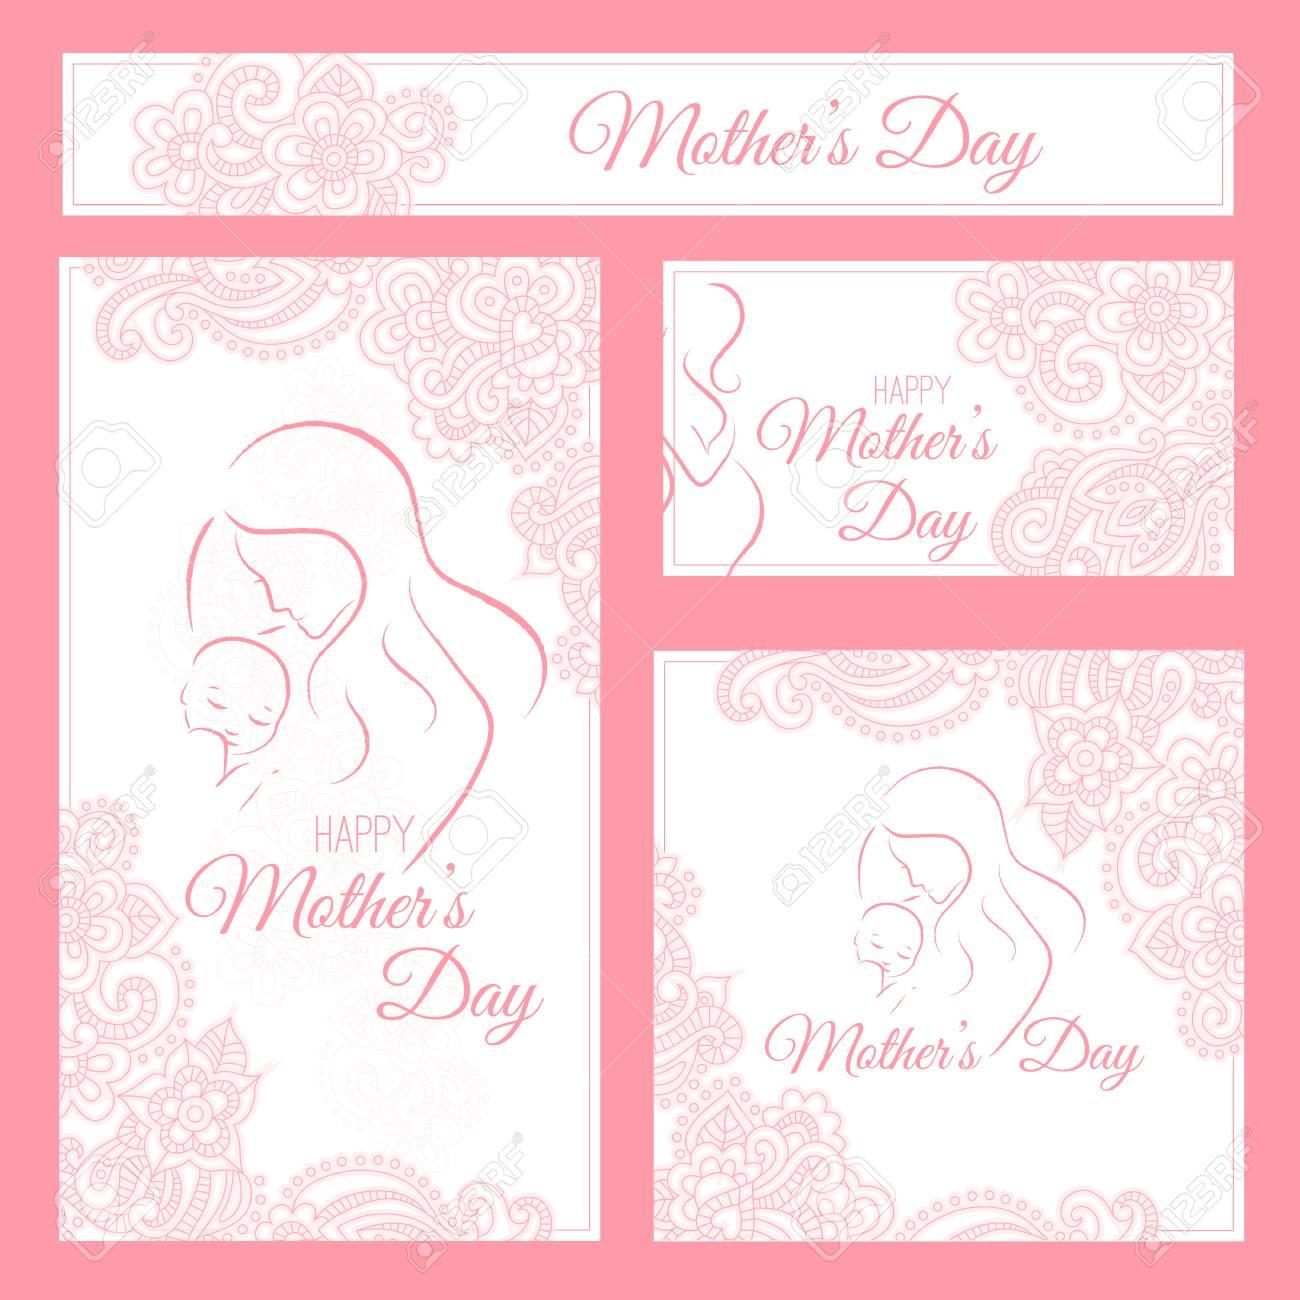 Día De La Madre Plantilla Elegante De La Tarjeta Con La Silueta Contorneada De La Madre Y Del Niño Y El Ornamento Floral Plantilla De Diseño